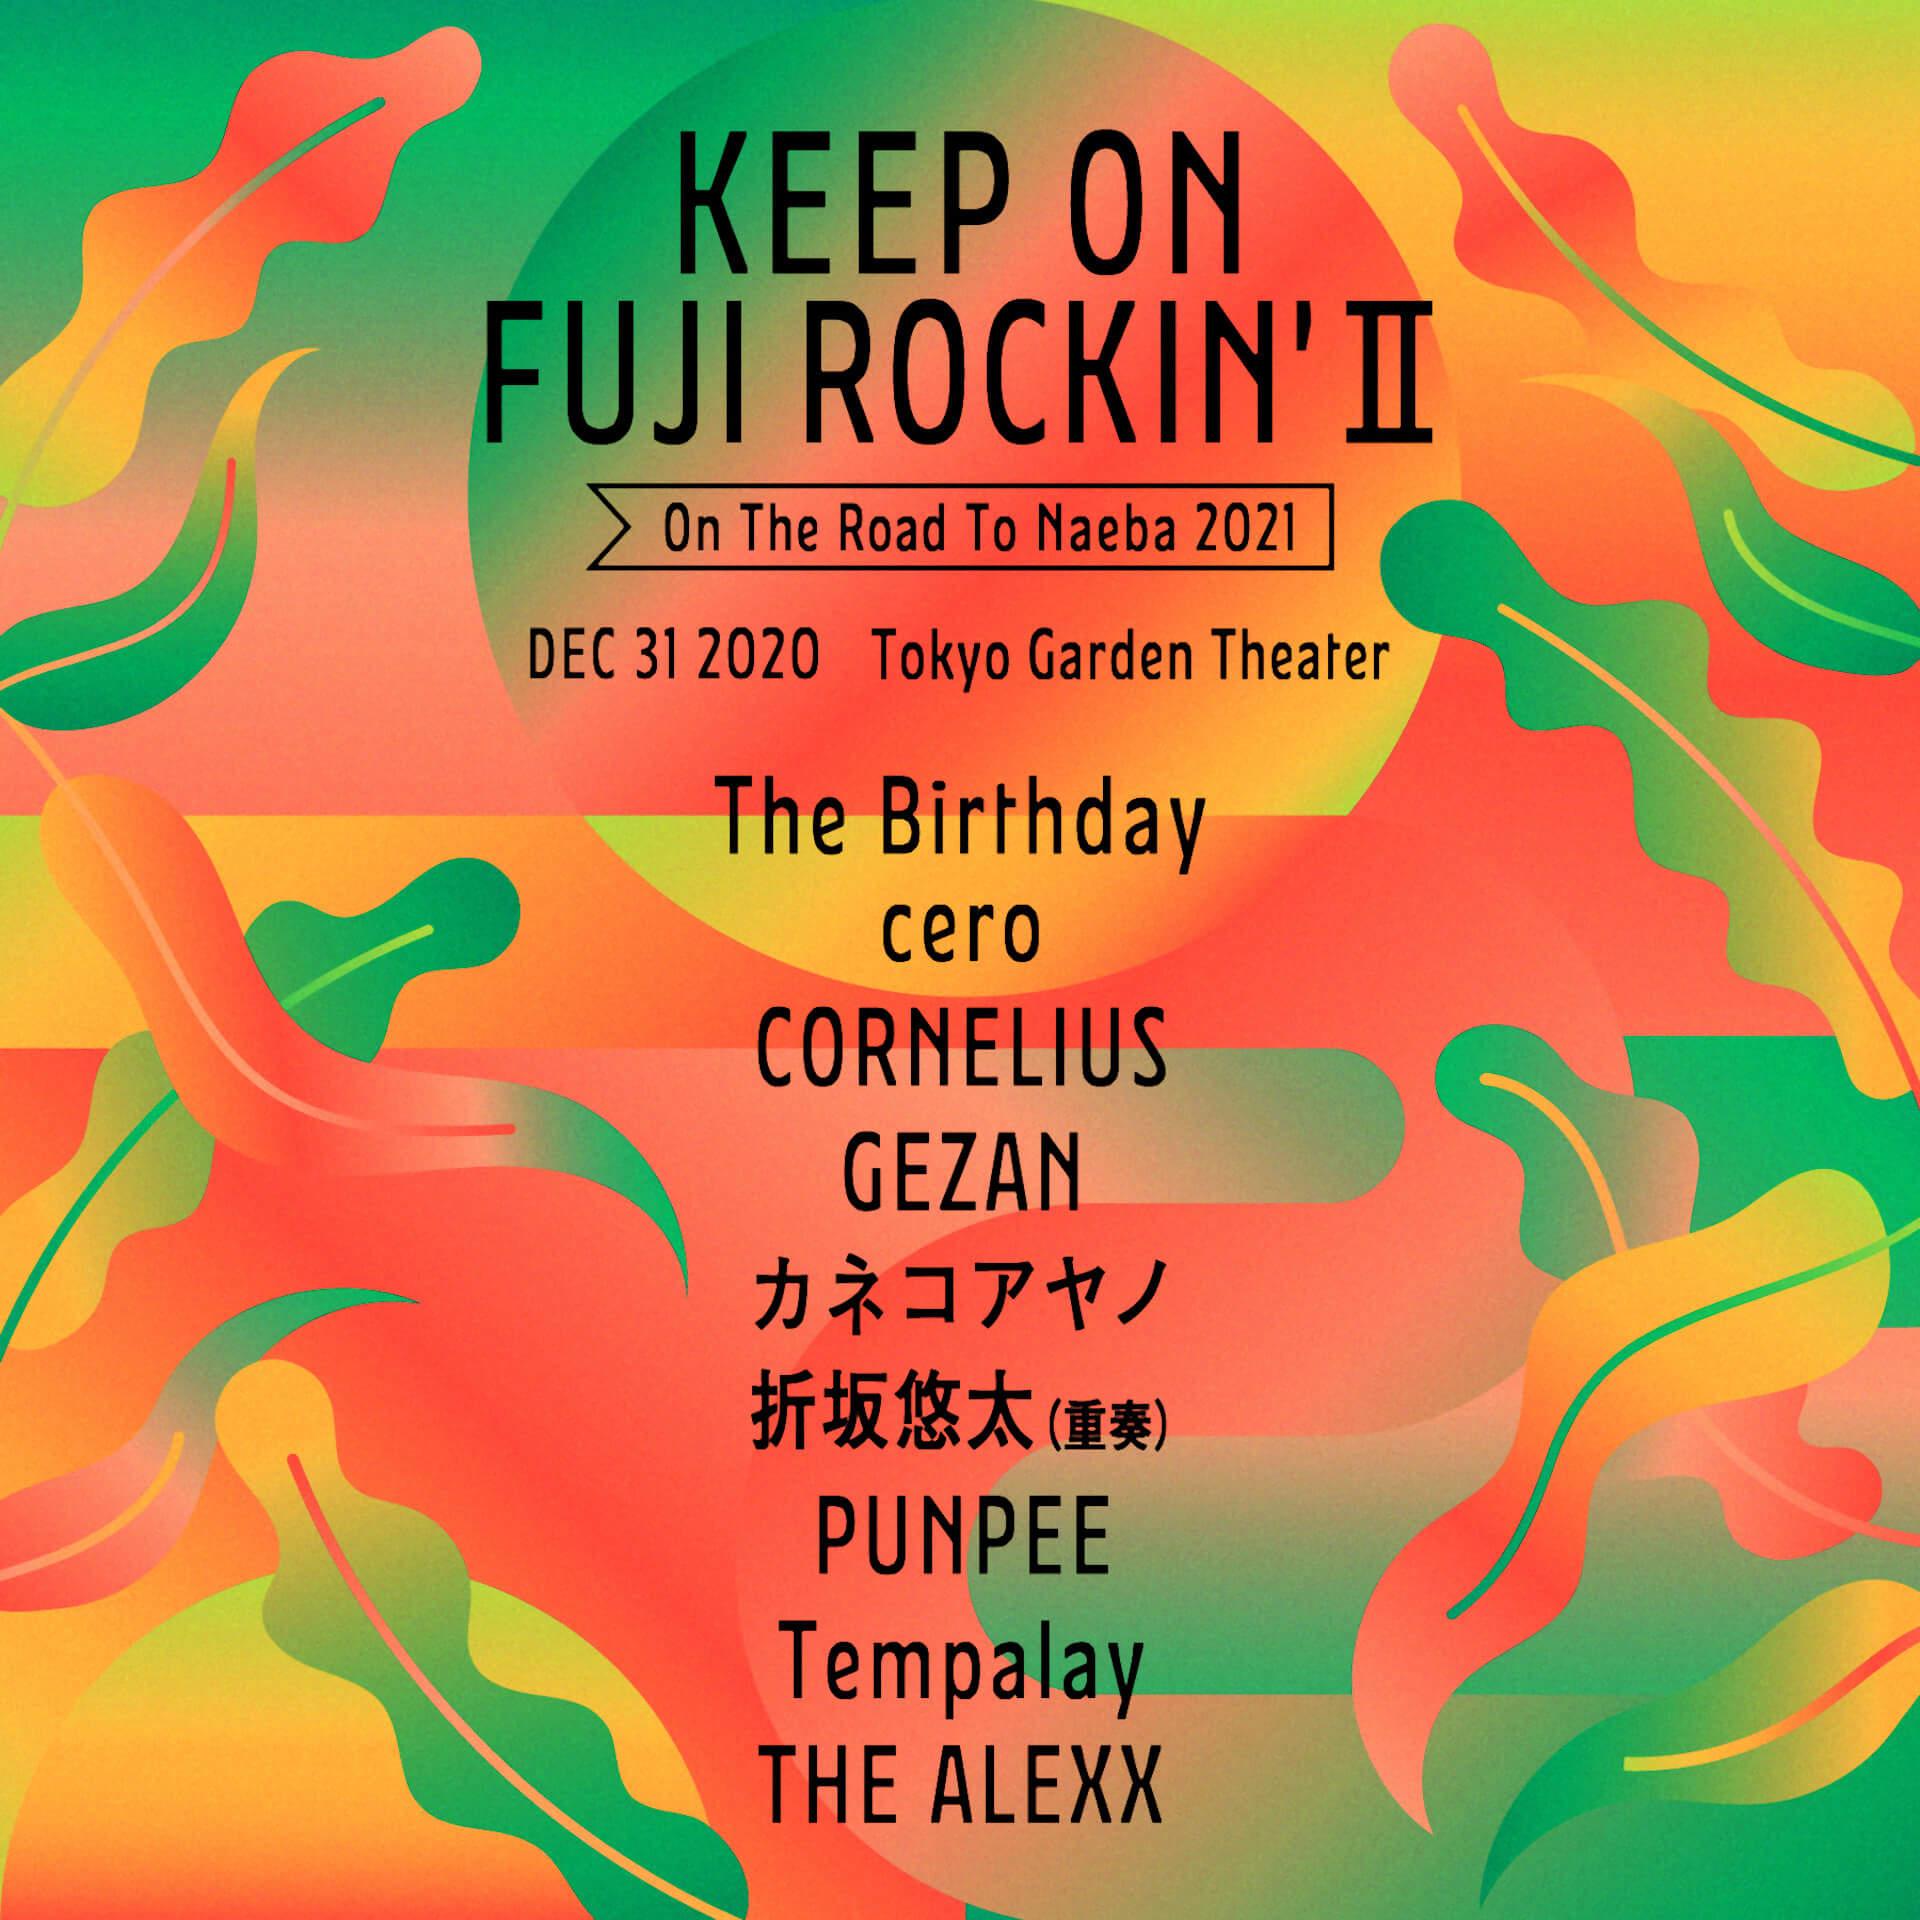 今年の年末もキープ・オン・フジロック!大晦日にオールナイトイベント開催でPUNPEE、cero、GEZAN、折坂悠太、THE ALEXXらが登場 music201120_keeponfujirock_2